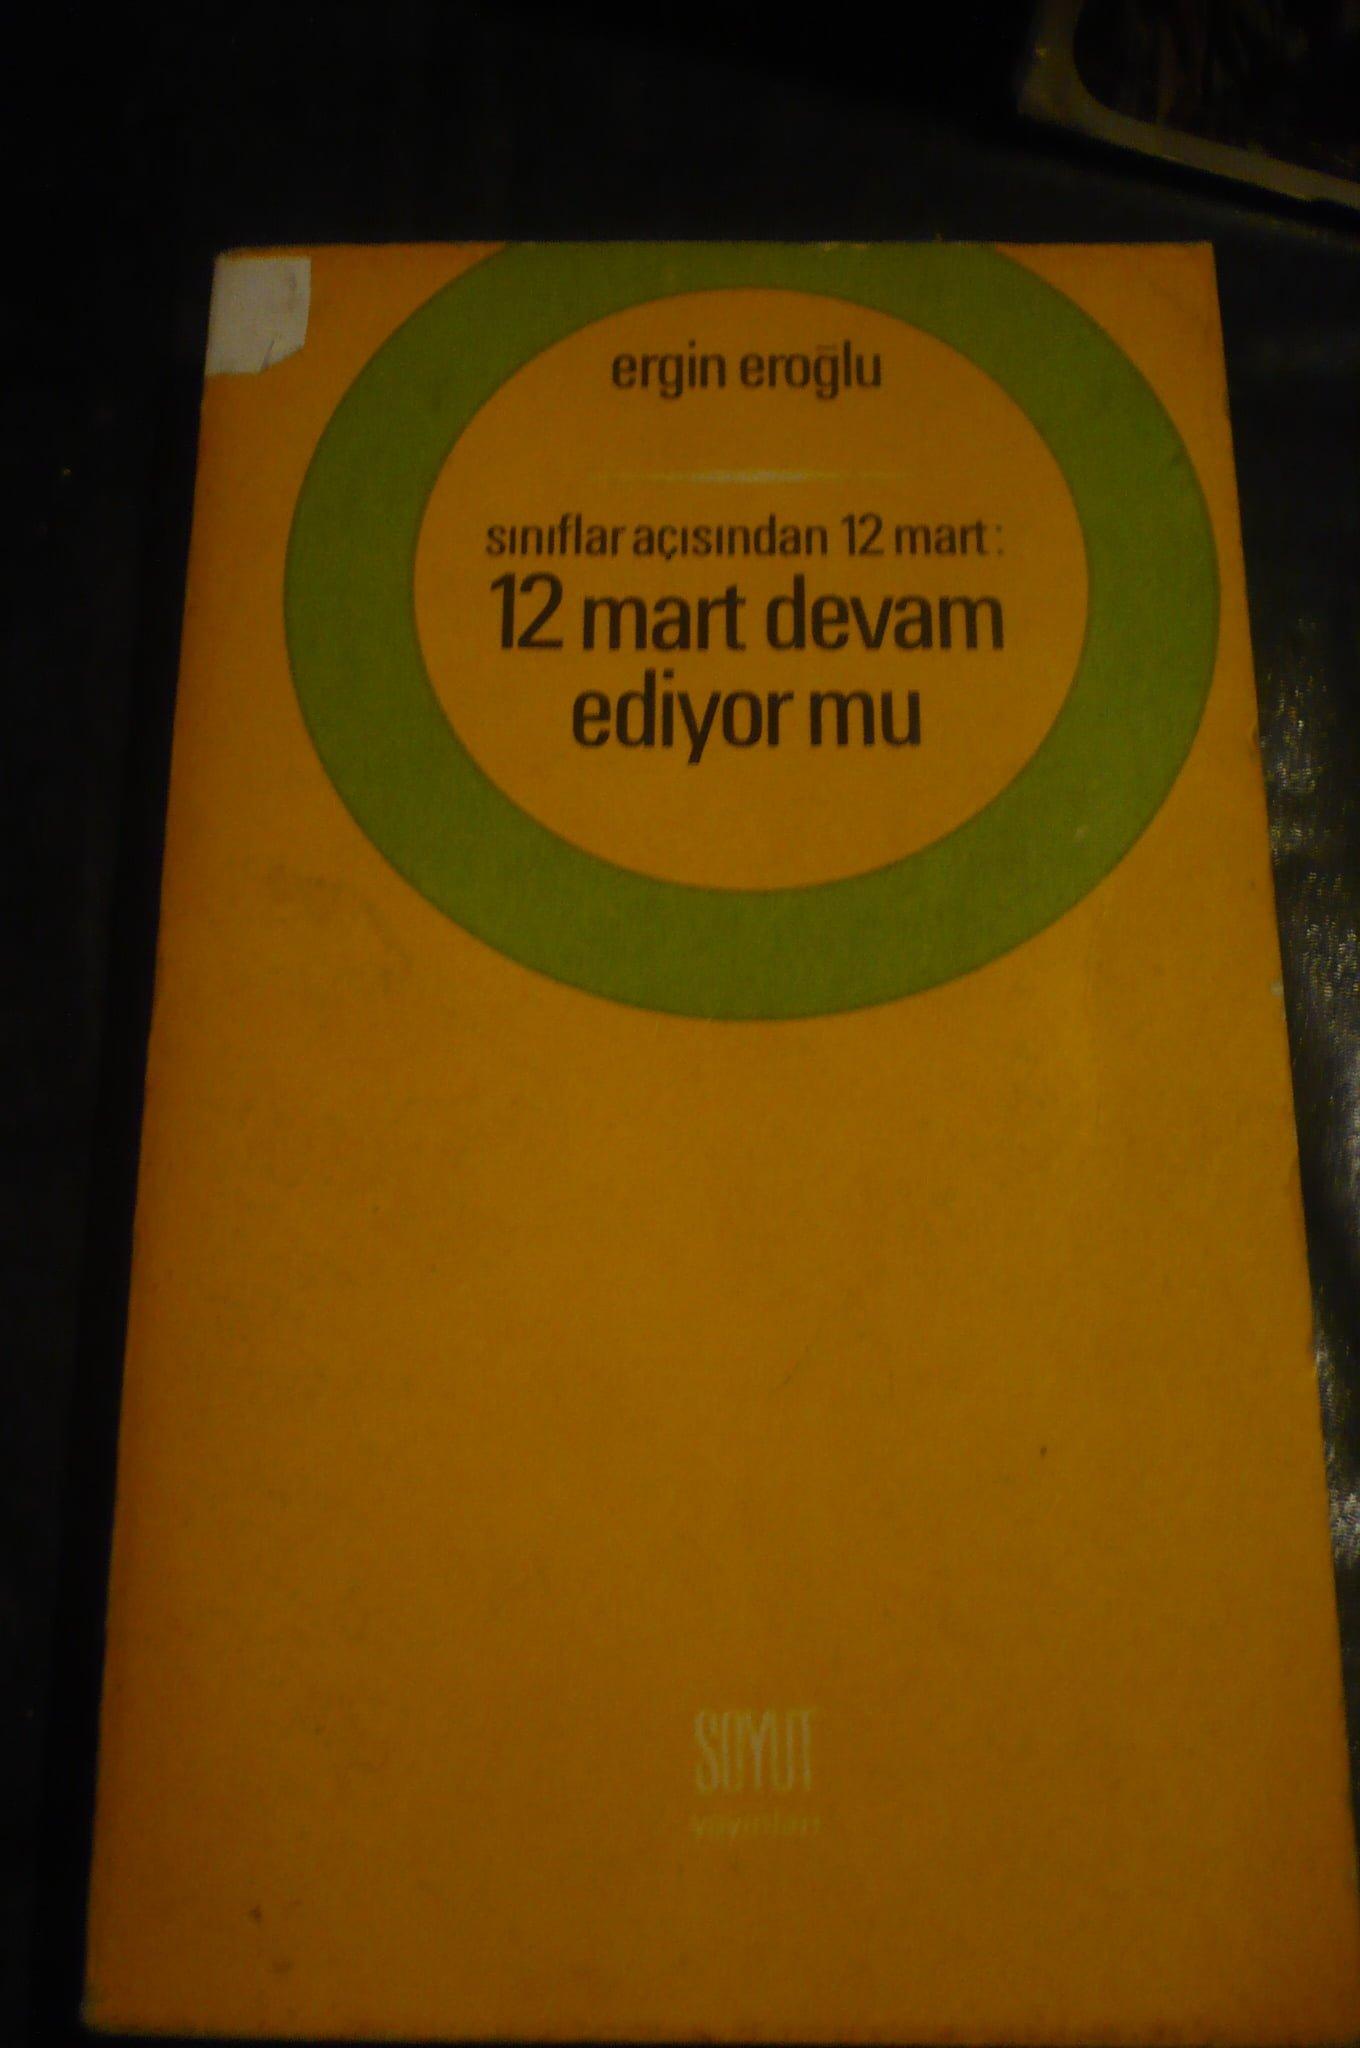 Sınıflar açısından 12 Mart -12 MART DEVAM EDİYOR MU/ Ergin EROĞLU/ 15 TL